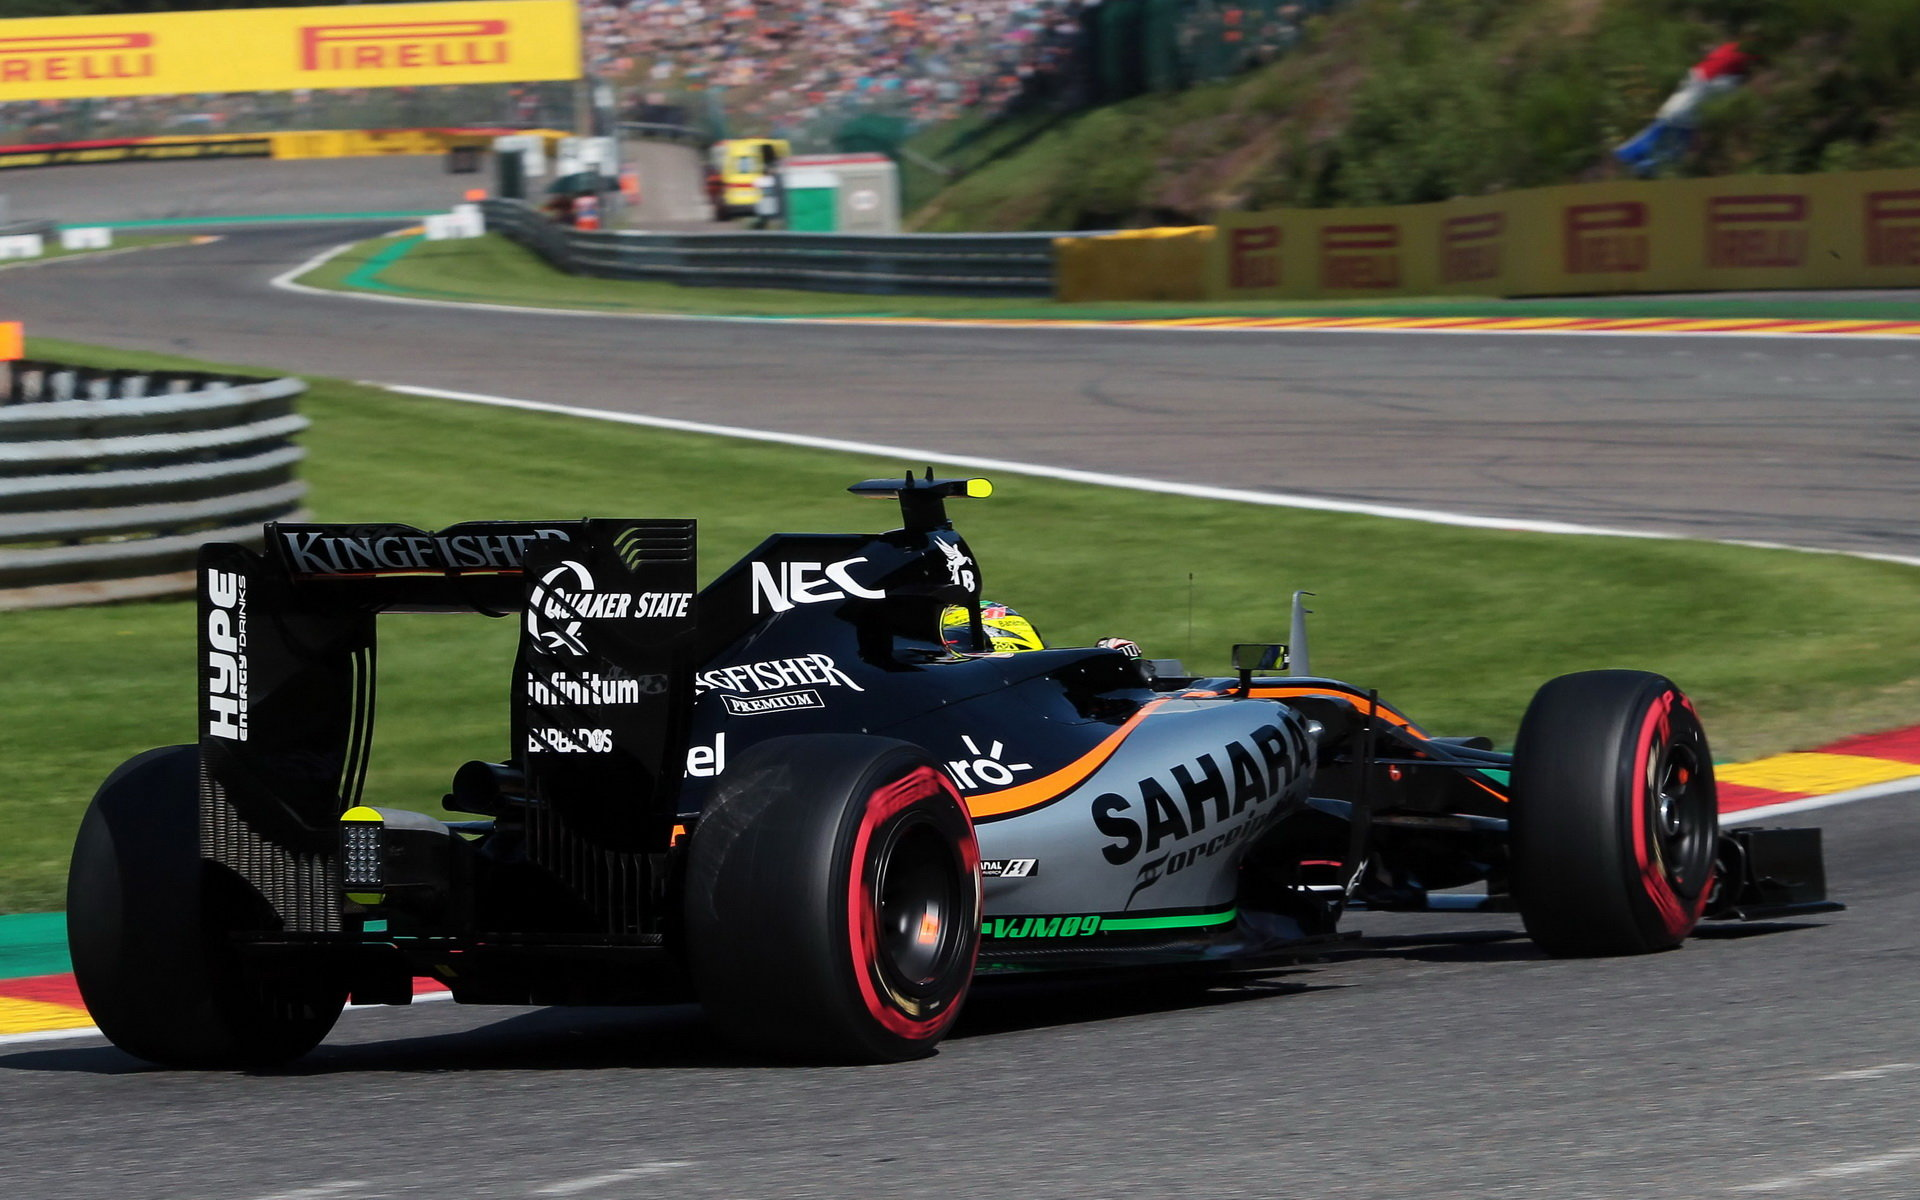 MAXIMÁLNÍ RYCHLOSTI: Pérez se ve Spa řítil 358,2 km/h, Alonso o 11,5 km/h méně - anotační obrázek